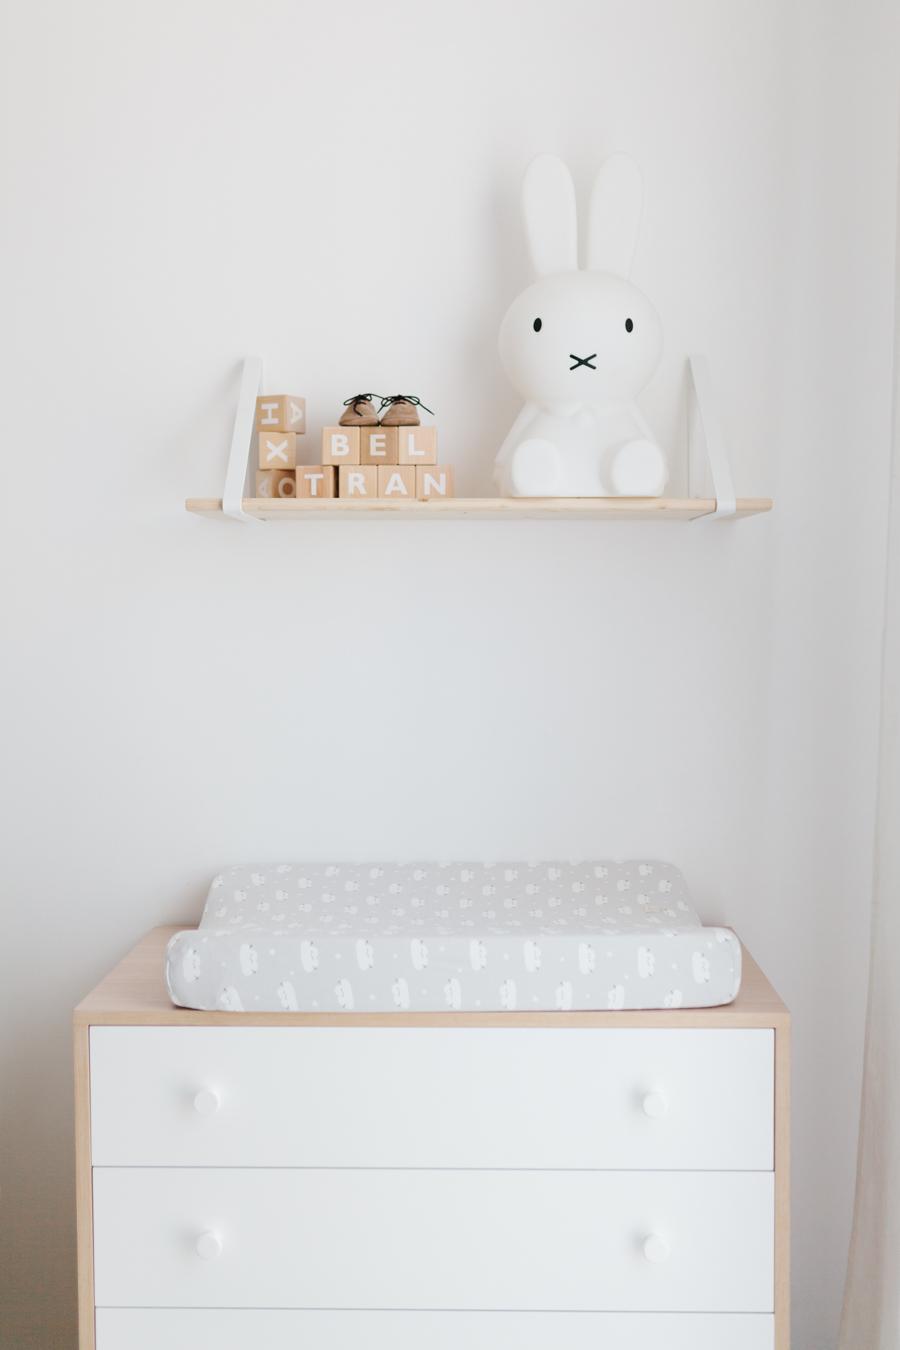 La habitación de Beltrán II: habitación infantil de estilo nórdico